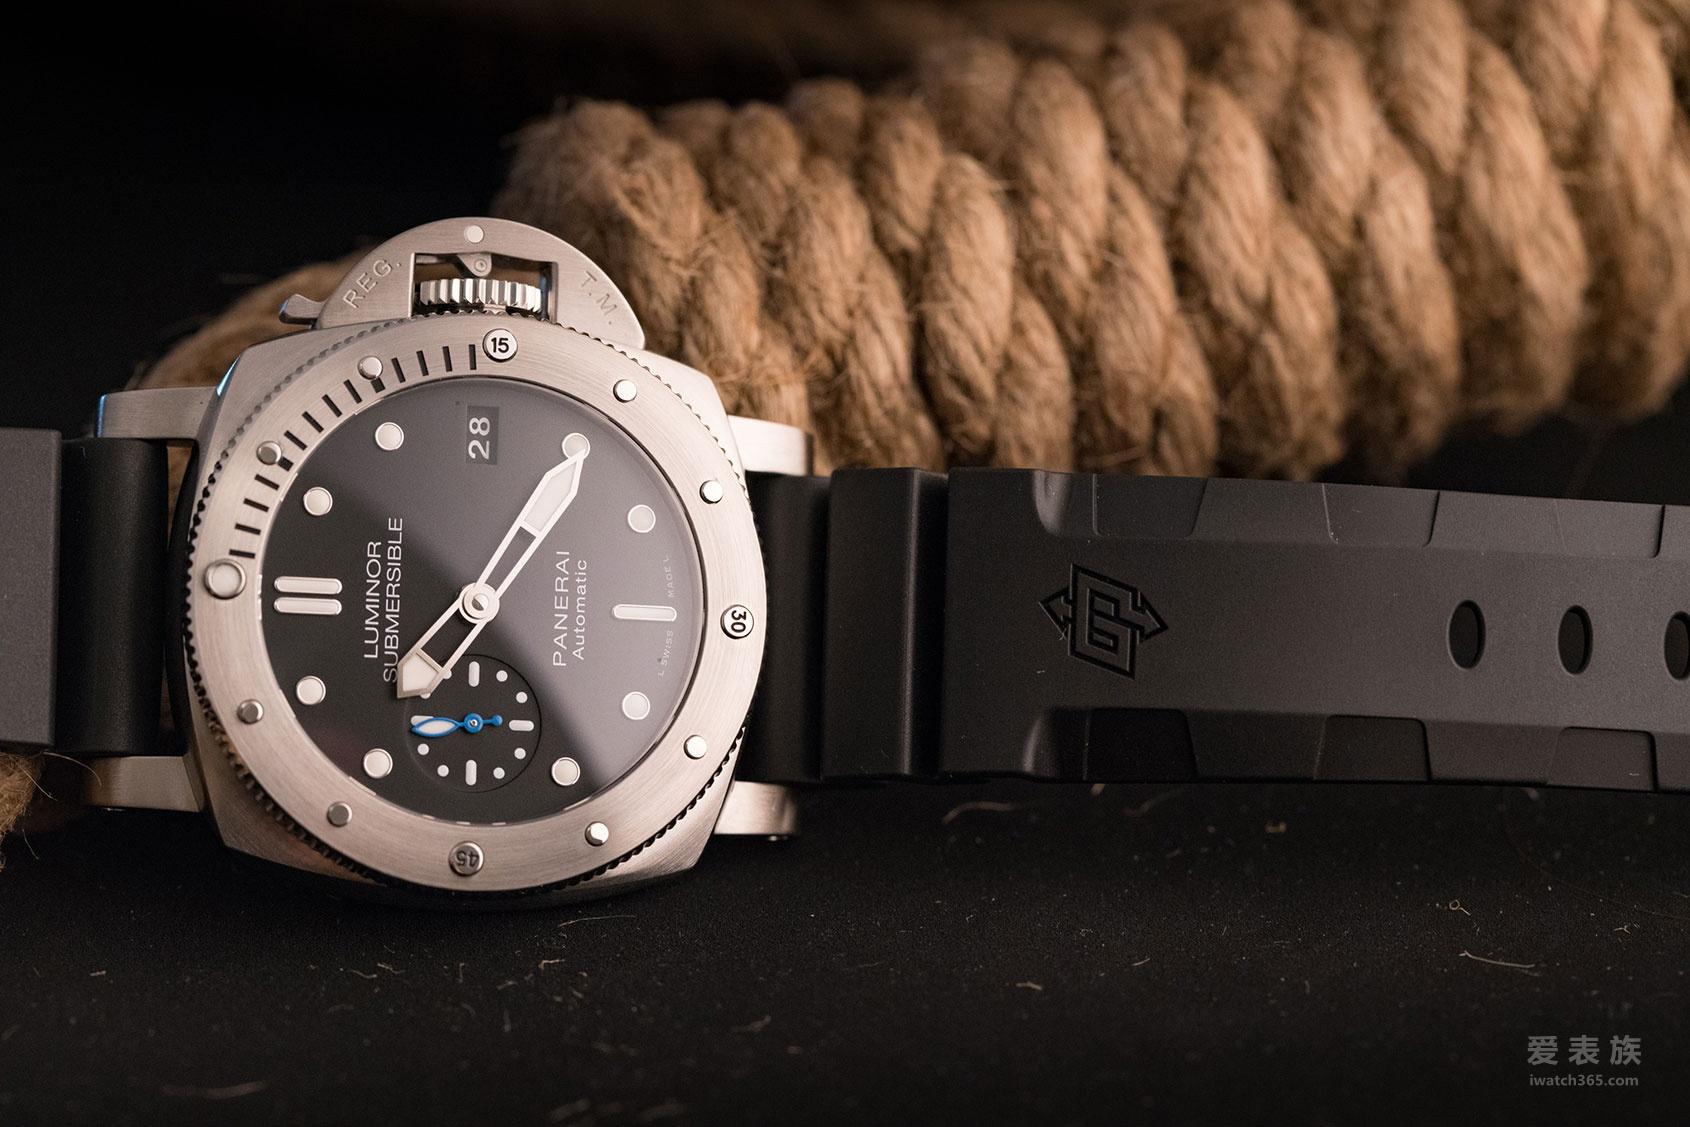 小改动大改变——沛纳海Luminor Submersible 1950系列3日链PAM00682自动腕表